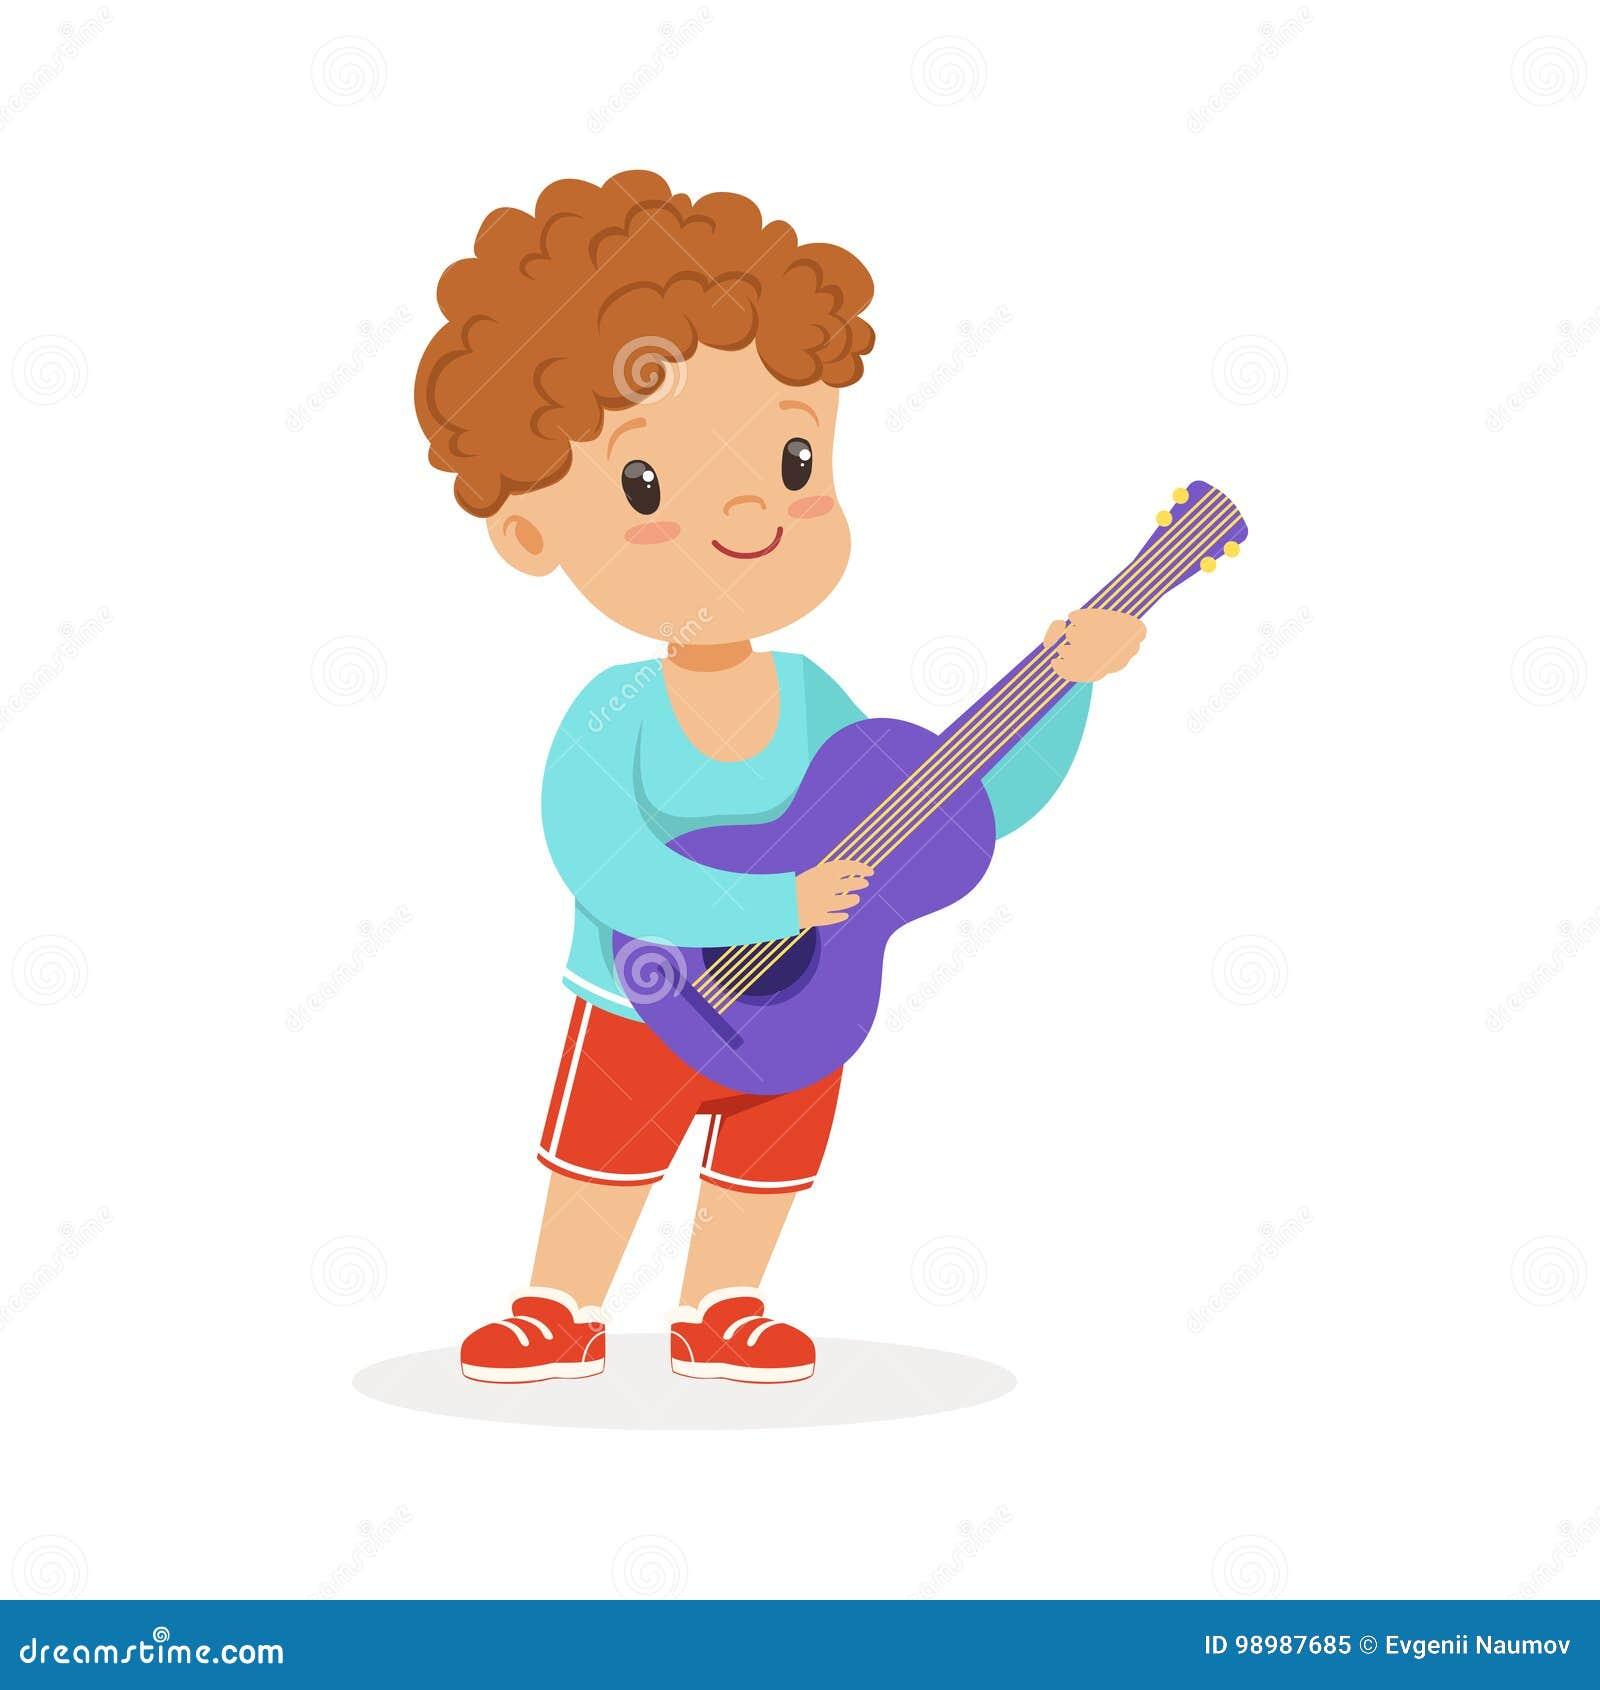 Χαριτωμένη κιθάρα παιχνιδιού μικρών παιδιών, νέος μουσικός με το μουσικό όργανο παιχνιδιών, μουσική εκπαίδευση για το διάνυσμα κι